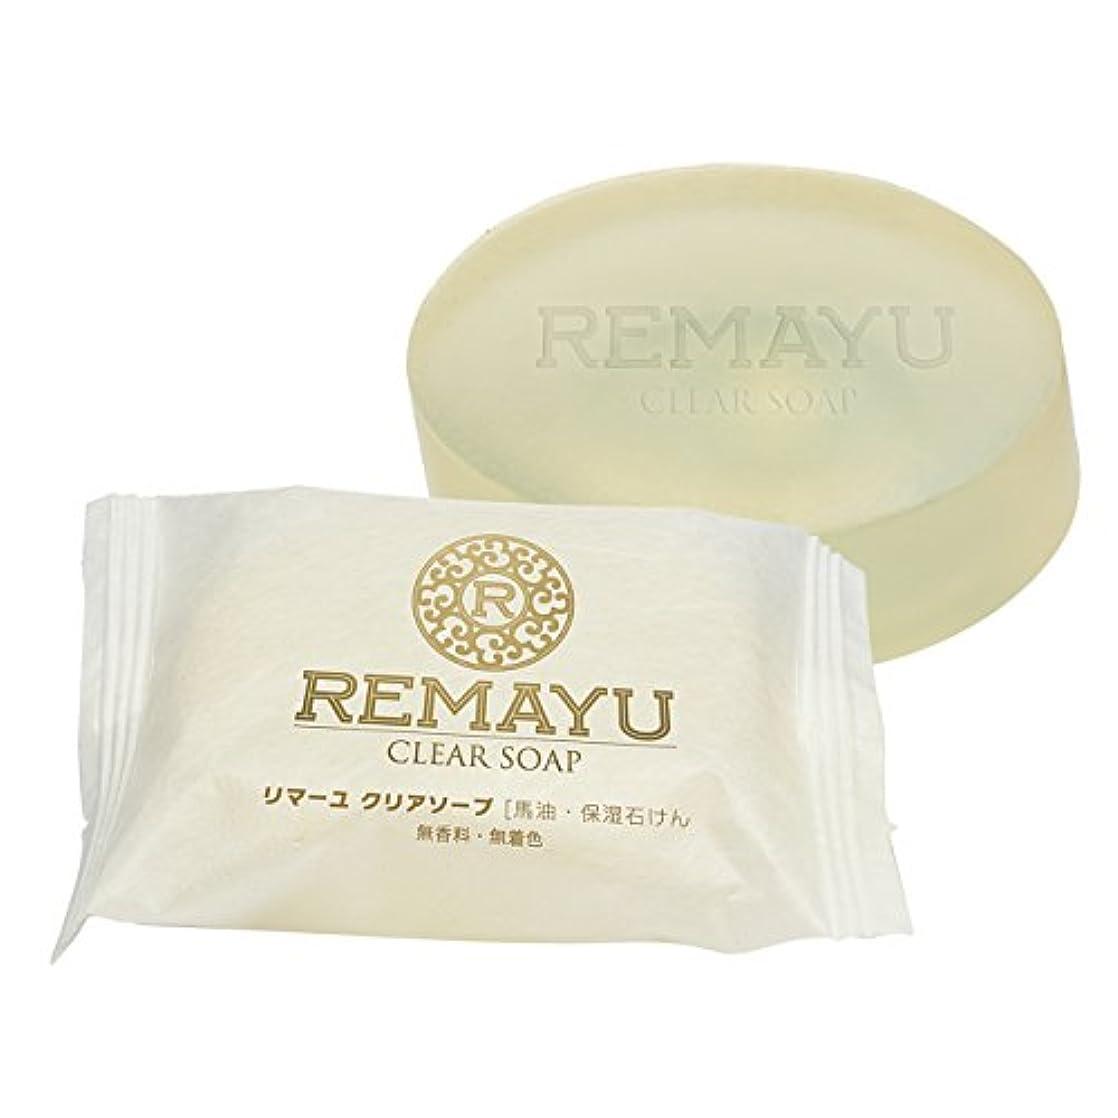 火山学者深めるピルファーリマーユ クリアソープ 90g 馬油 リバテープ製薬 日本製 ばゆ石鹸 ばゆ洗顔